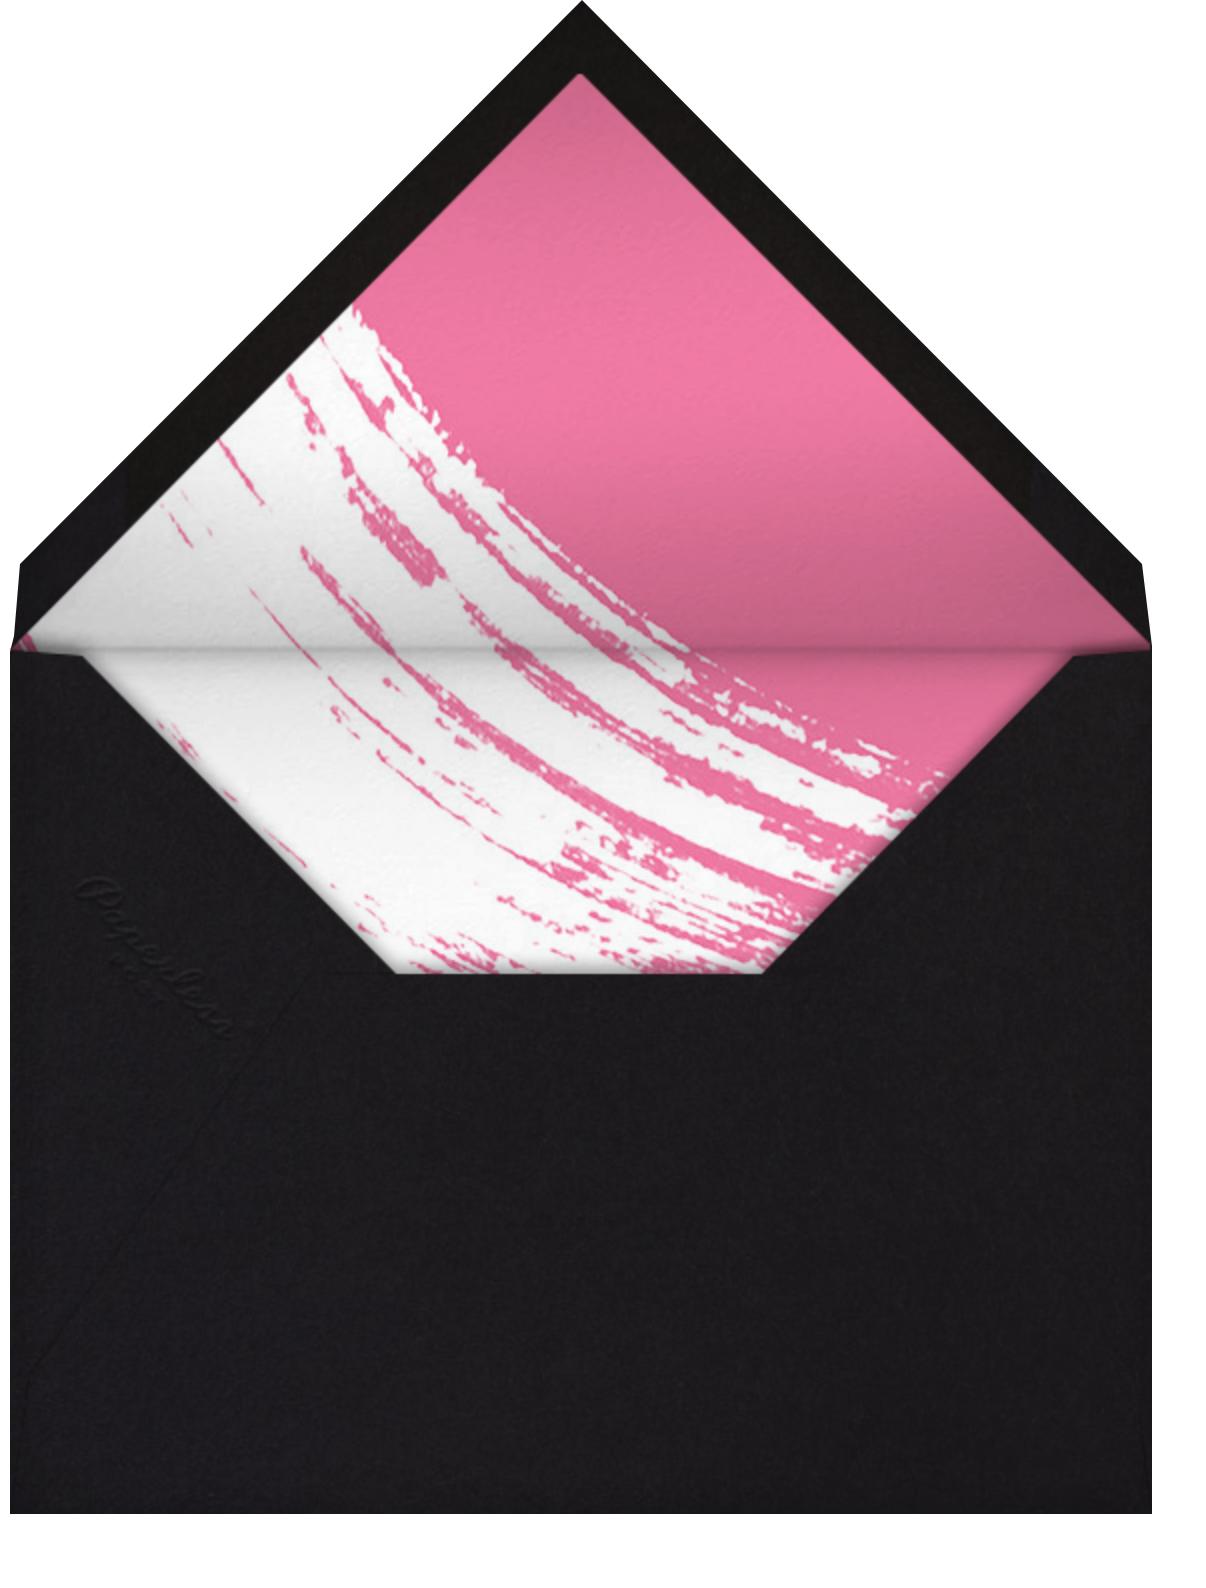 Impasto - Pink - Paperless Post - General entertaining - envelope back